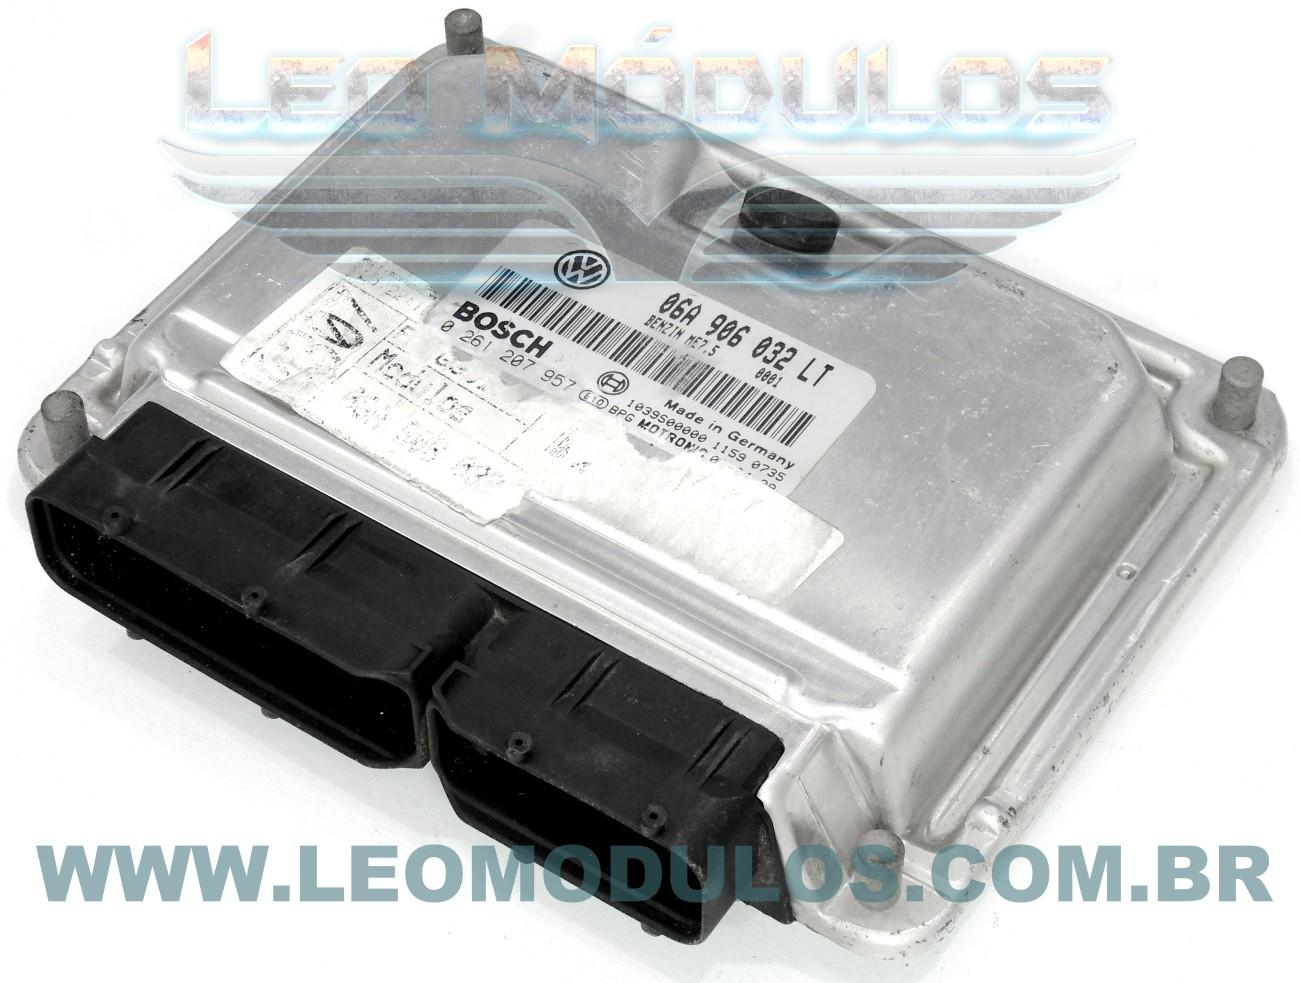 Módulo de injeção bosch ME7.5 - 0261207957 06A906032LT - Golf 1.8 20V Turbo - 0 261 207 957 - Leo Módulos